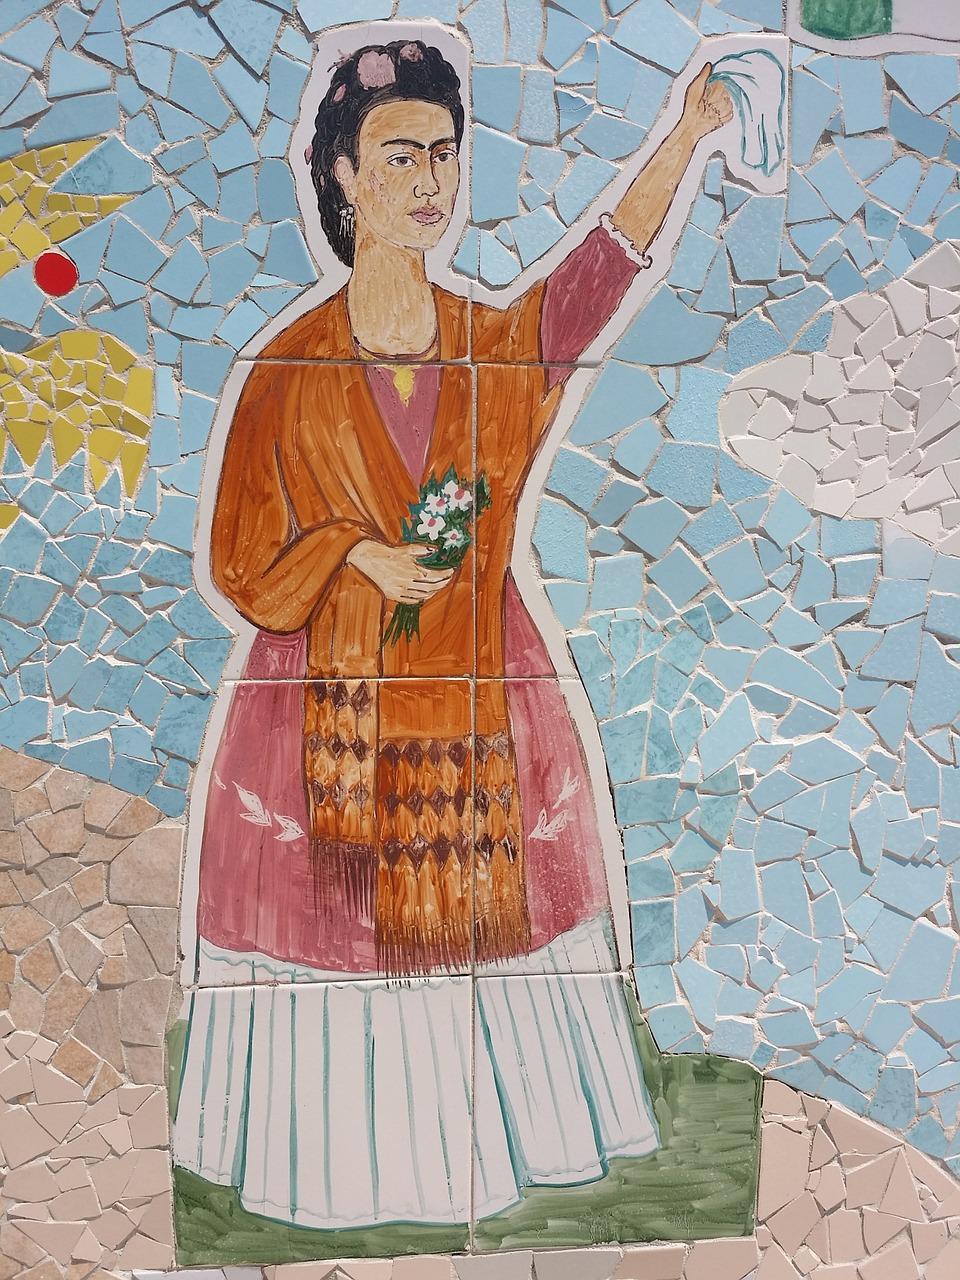 Disabili-Famosi-Frida-Kahlo-e-la-sua-Arte Disabili famosi: Frida Kahlo